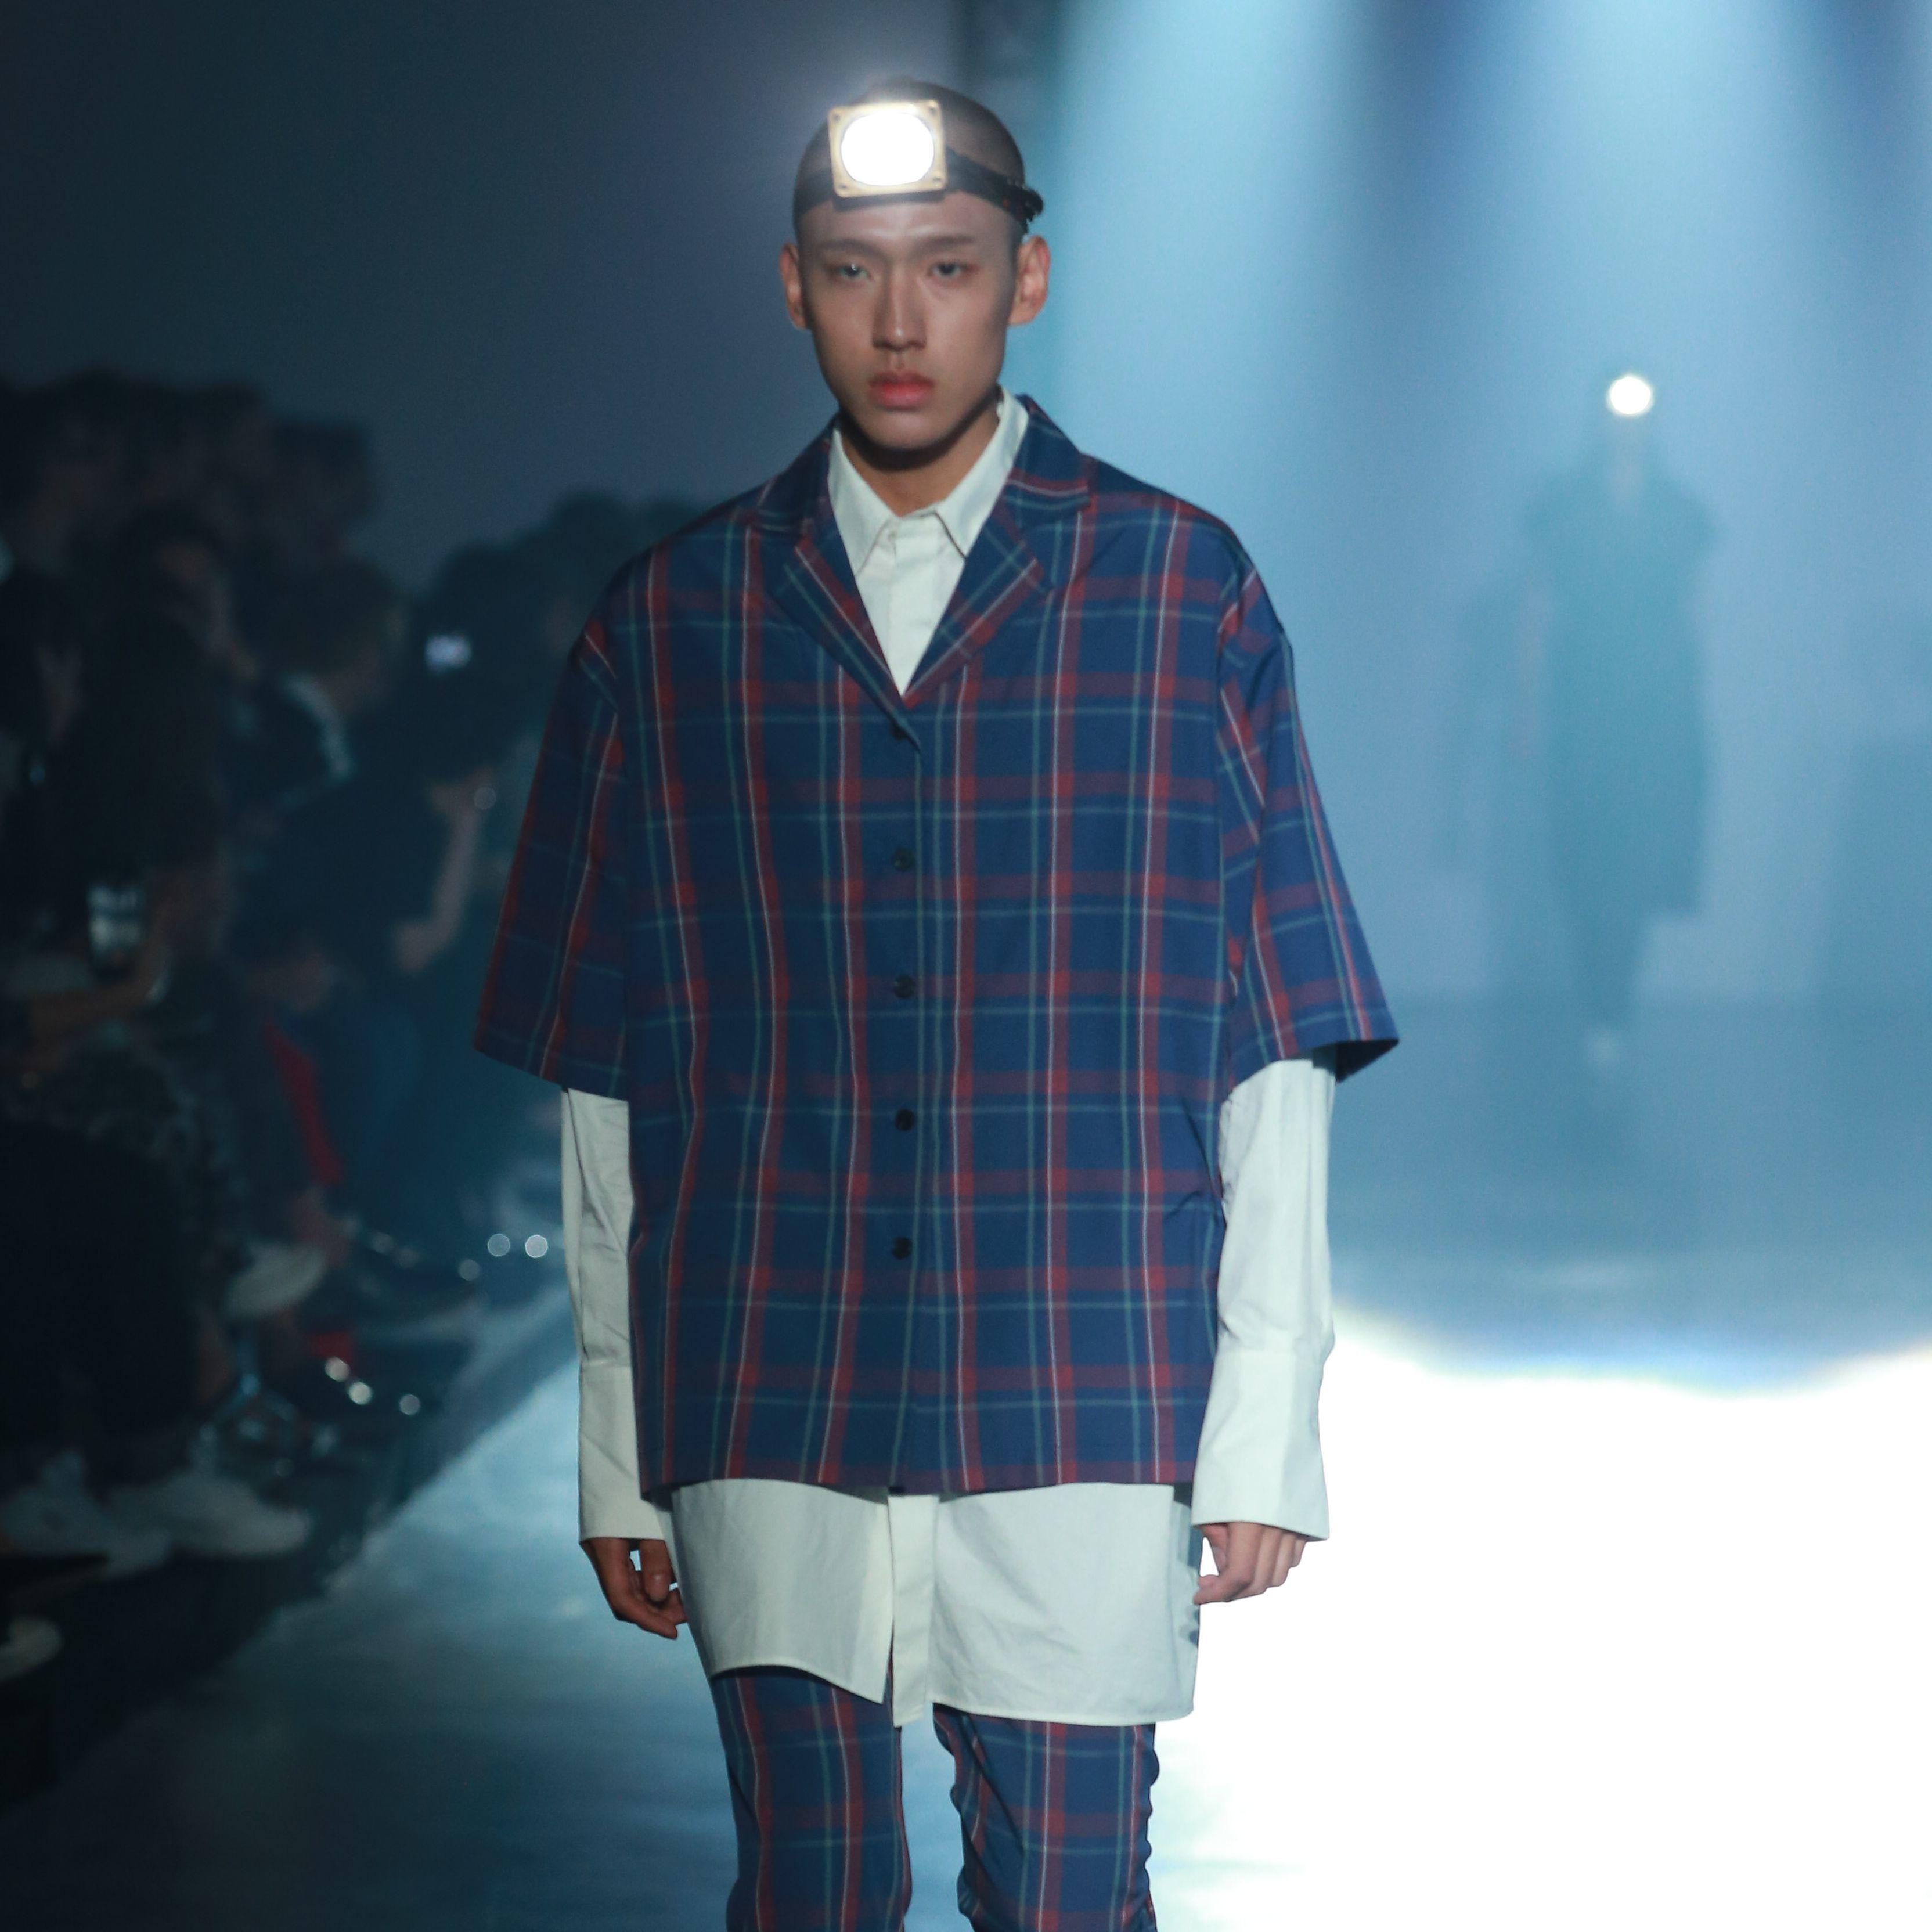 連結過去與未來─DOUCHANGLEE 2020 春夏時尚大秀